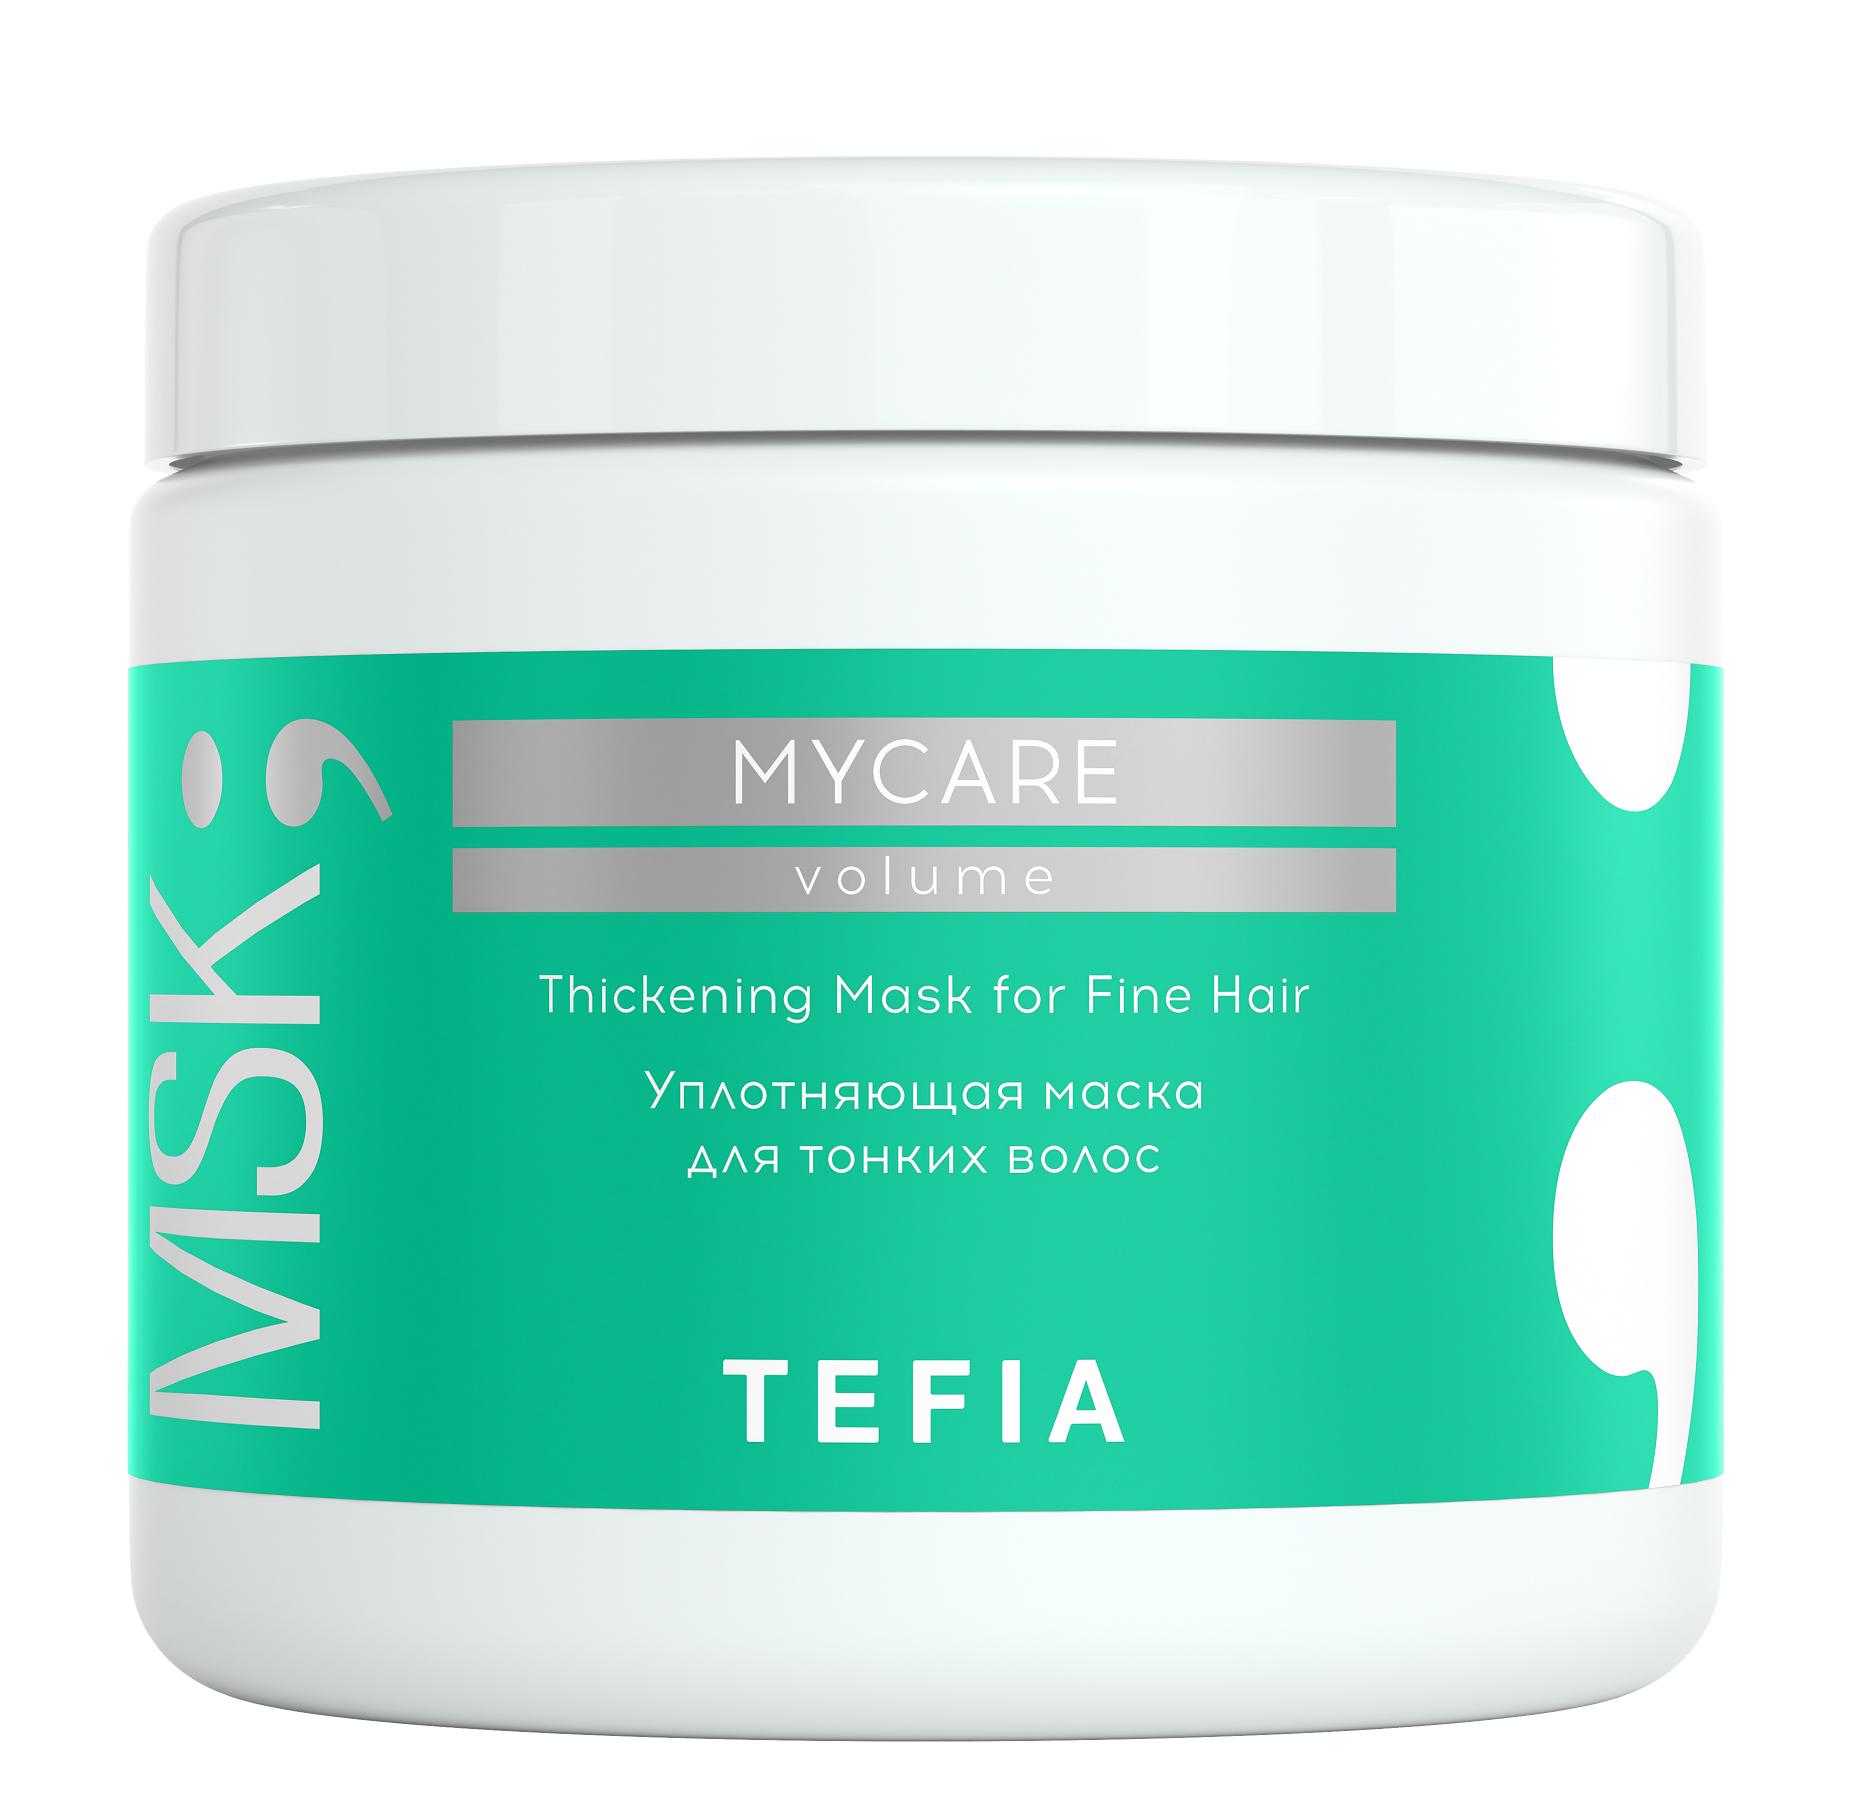 TEFIA Маска уплотняющая для тонких волос / Mycare VOLUME 500 мл.